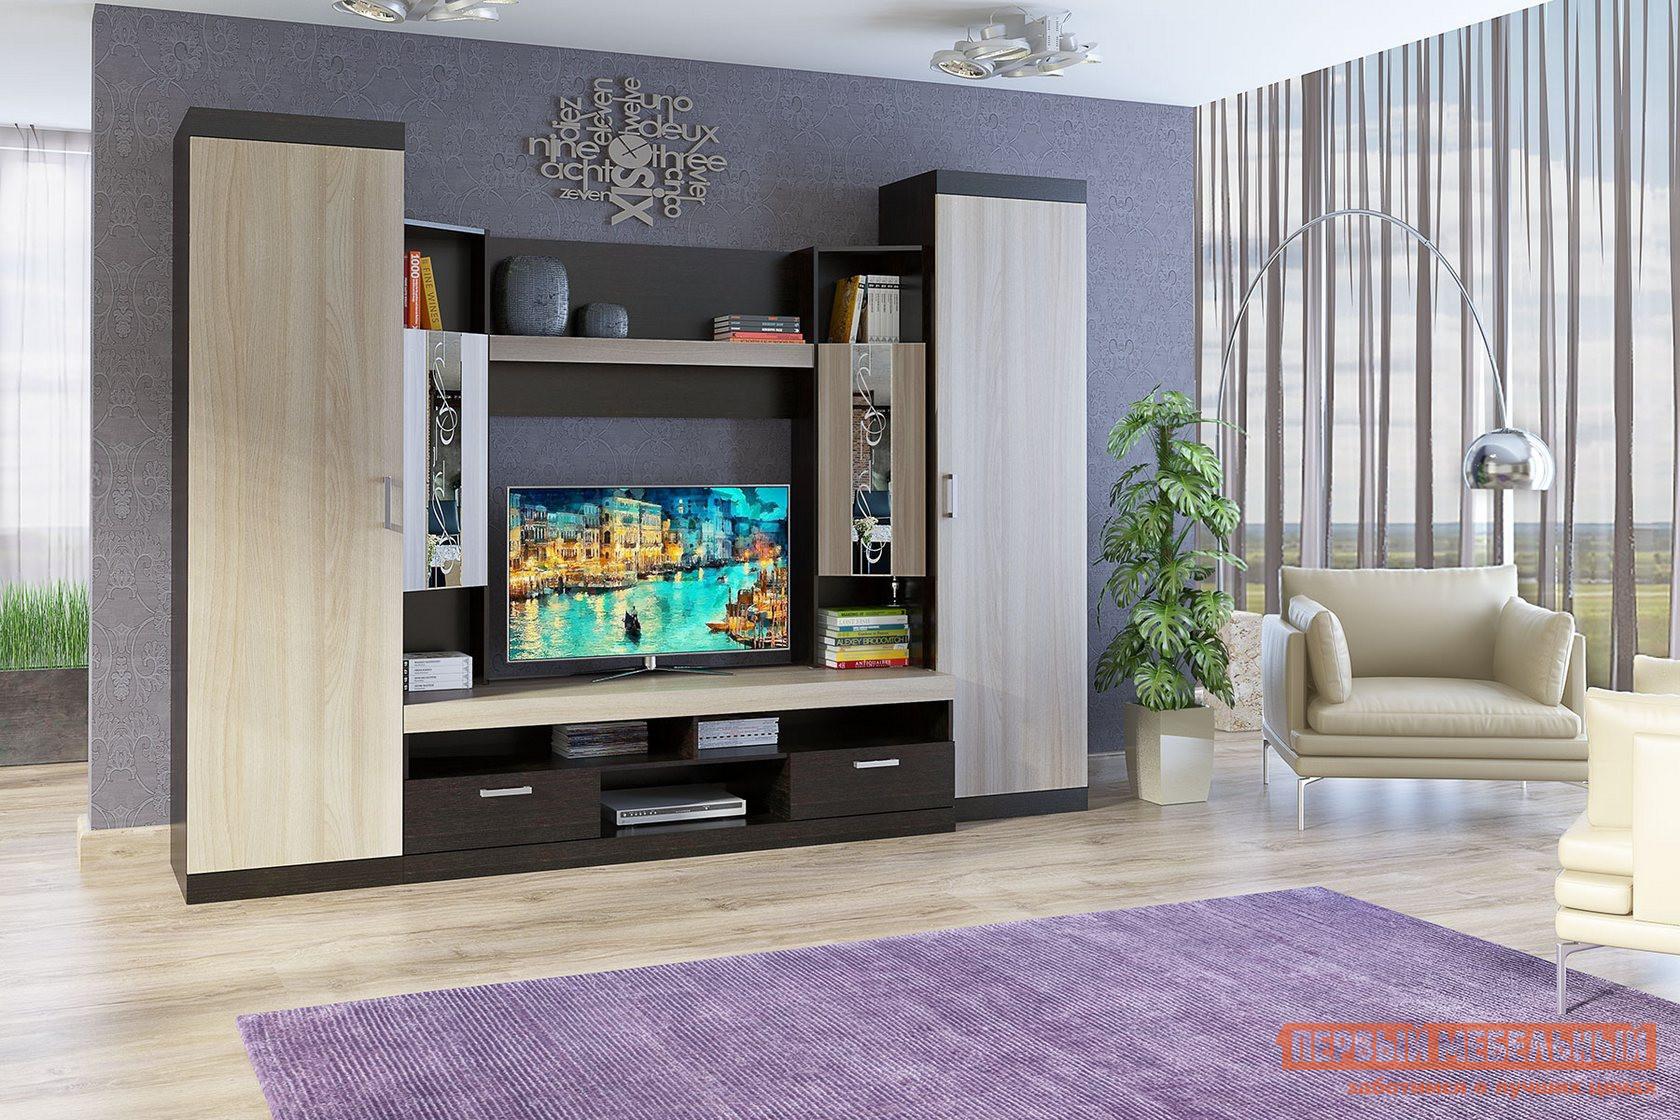 Гостиная СтолЛайн Мальта СТЛ.250.00 Дуб феррара / Ясень шимо светлыйСтенки для гостиной<br>Габаритные размеры ВхШхГ 2210x2980x590 мм. Современная гостиная в актуальном контрастном сочетании древесных оттенков.  Её продуманная конструкция поможет вам организовать удобную зону хранения, в которой свое место найдет и техника, и одежда, и книги. Стенка оборудована шкафом со штангой, закрытым стеллажом с полками, открытыми полками и выдвижными ящиками. Фасады средних дверец дополнены зеркалами, декорированными фотопечатью с легким орнаментом. Корпус стенки изготовлен из ЛДСП 16 мм с кромкой из меламина и ПВХ, ручки — из пластика.  Выдвижные ящики установлены на роликовые направляющие.<br><br>Цвет: Темное-cветлое дерево<br>Высота мм: 2210<br>Ширина мм: 2980<br>Глубина мм: 590<br>Кол-во упаковок: 8<br>Форма поставки: В разобранном виде<br>Срок гарантии: 18 месяцев<br>Характеристика: Немодульные<br>Материал: Дерево<br>Материал: ЛДСП<br>Размер: Большие<br>С зеркалом: Да<br>Со шкафом: Да<br>С распашным шкафом: Да<br>Со стеллажом: Да<br>С местом под ТВ: Да<br>Стиль: Модерн